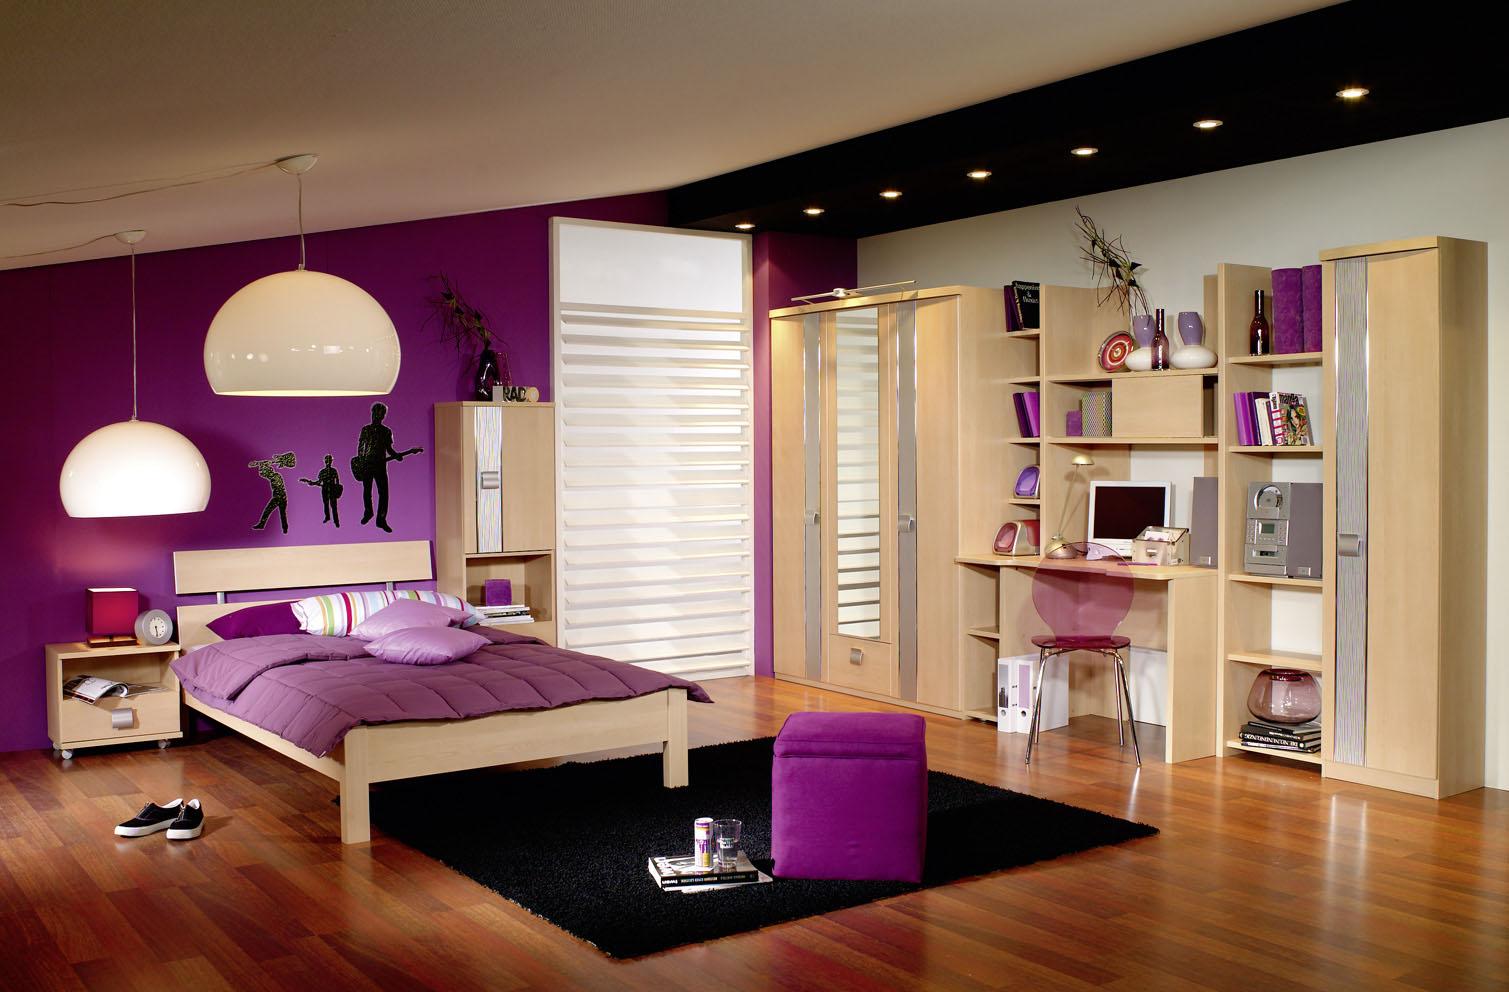 Habitaciones con estilo dormitorios morados para j venes - Habitacion juvenil chica ...